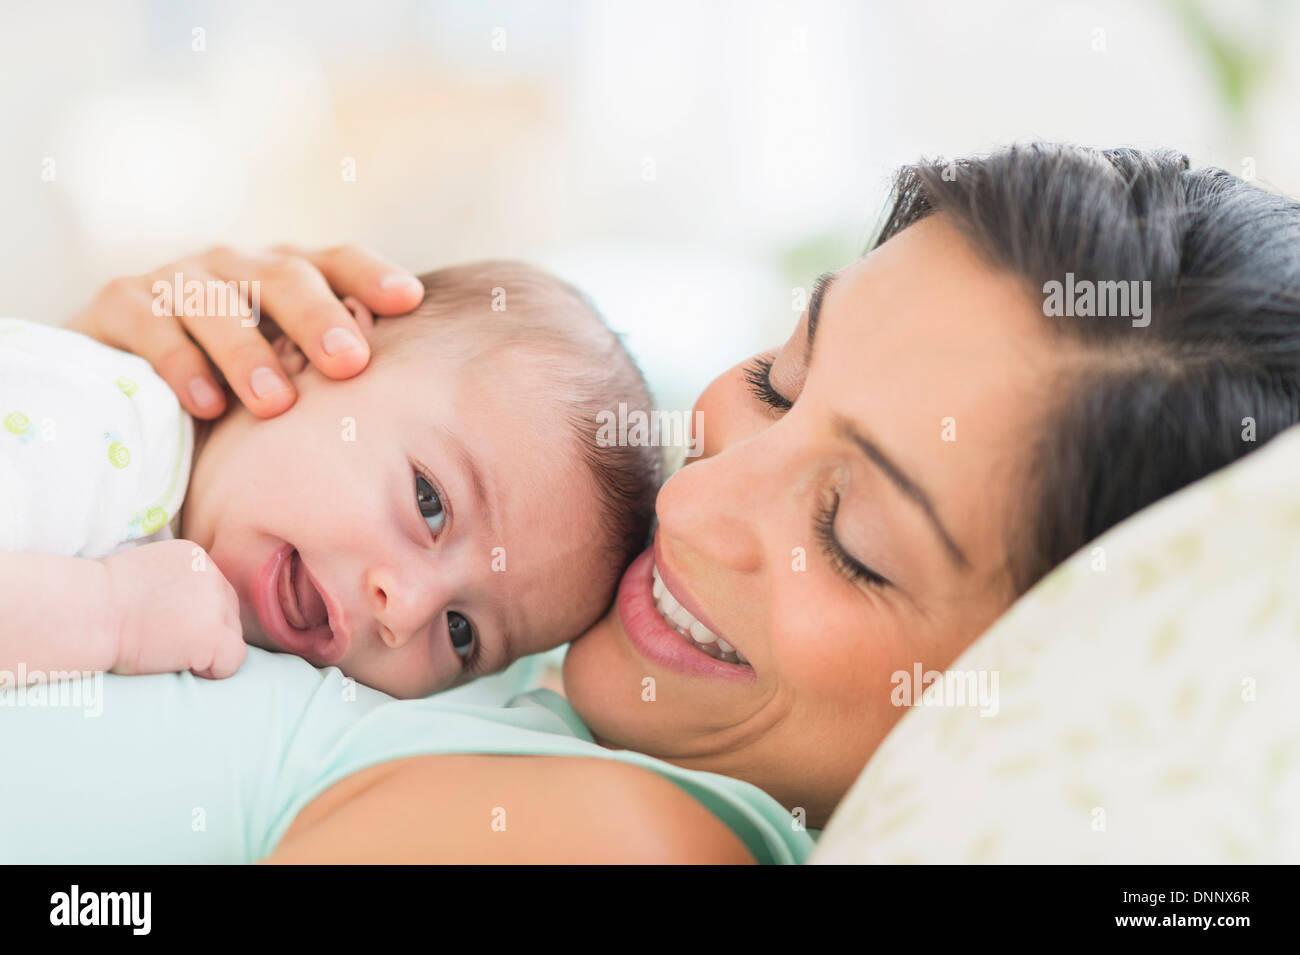 La madre gioca con baby (2-5 mesi) Immagini Stock